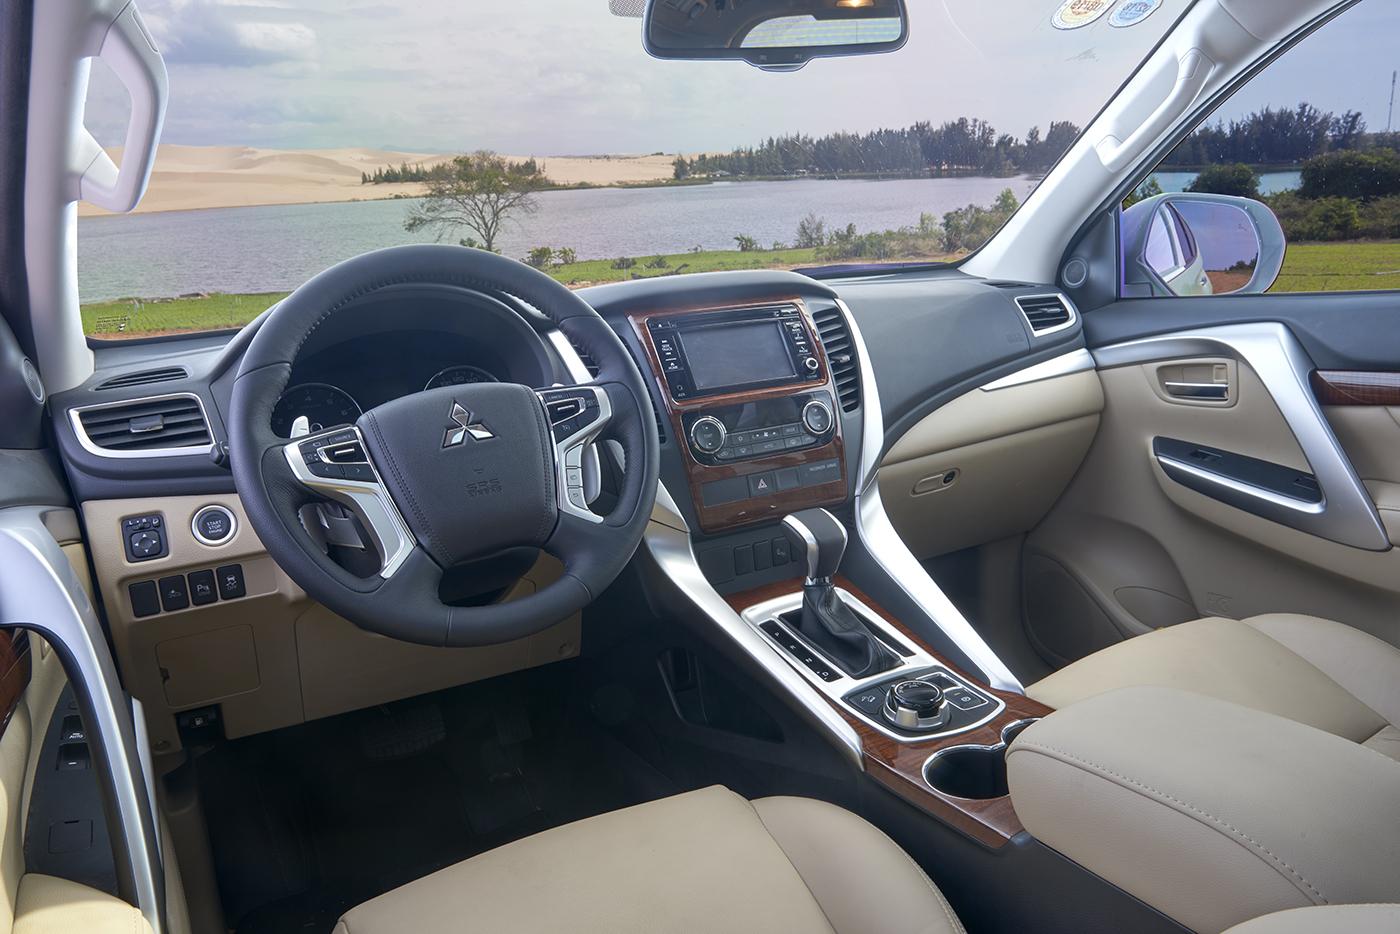 Mitsubishi Pajero Sport 2017 4